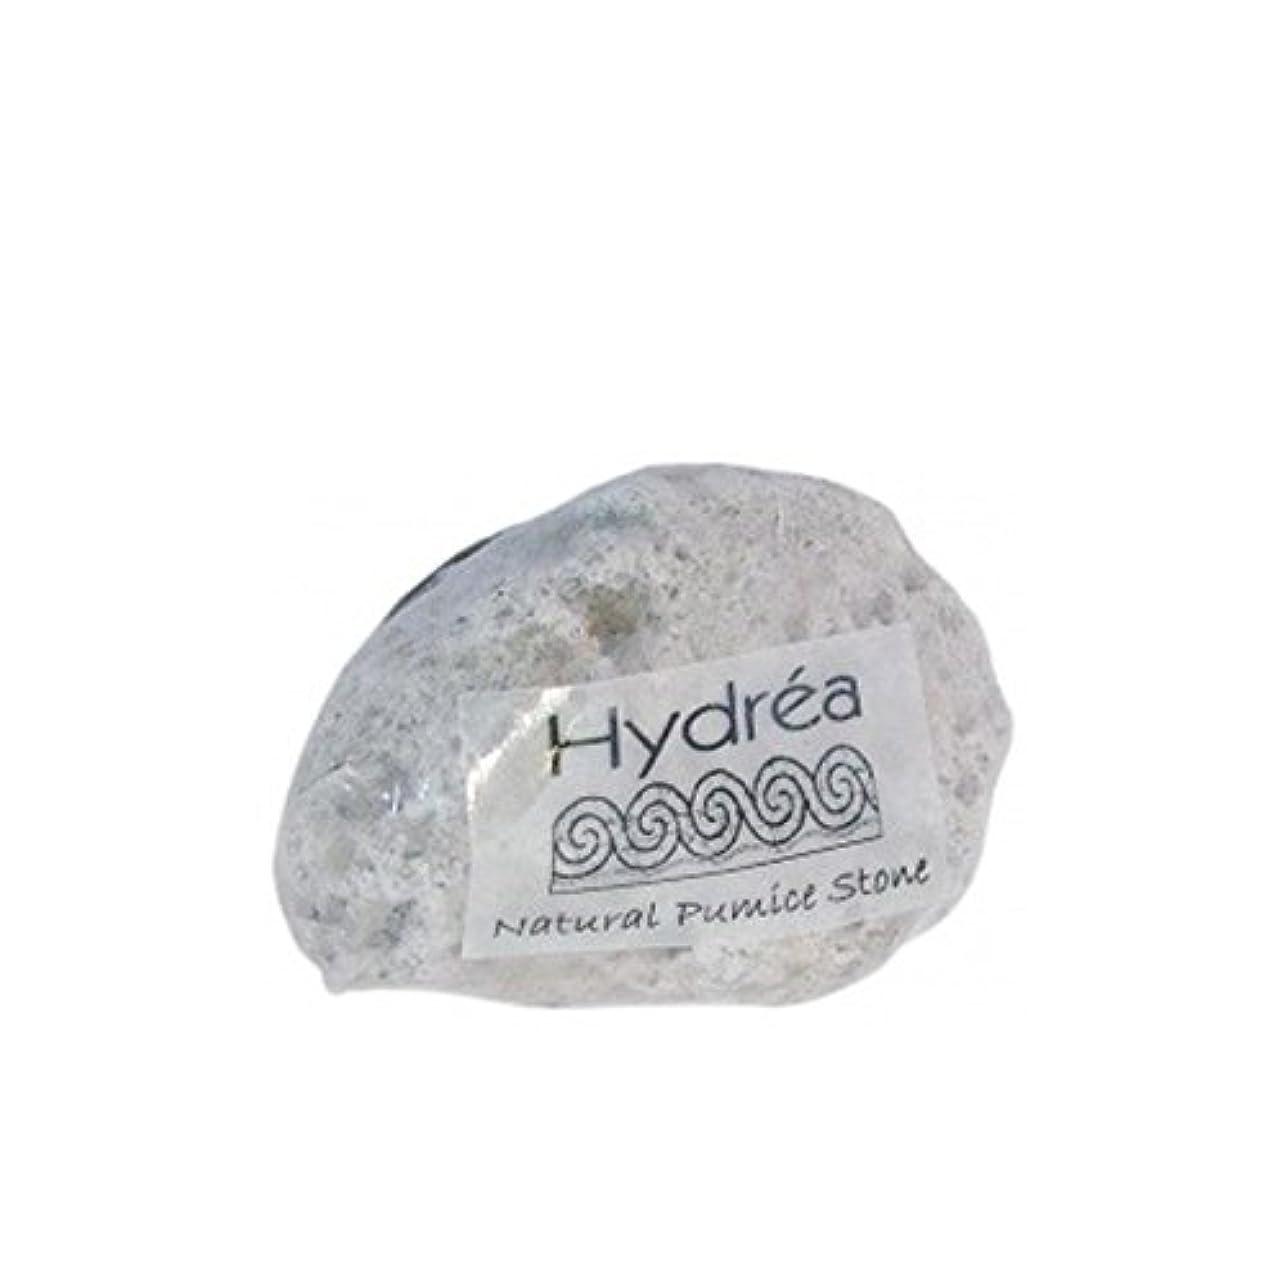 移行する脱走バラエティハイドレアロンドン - 自然軽石 x2 - Hydrea London - Natural Pumice Stone (Pack of 2) [並行輸入品]